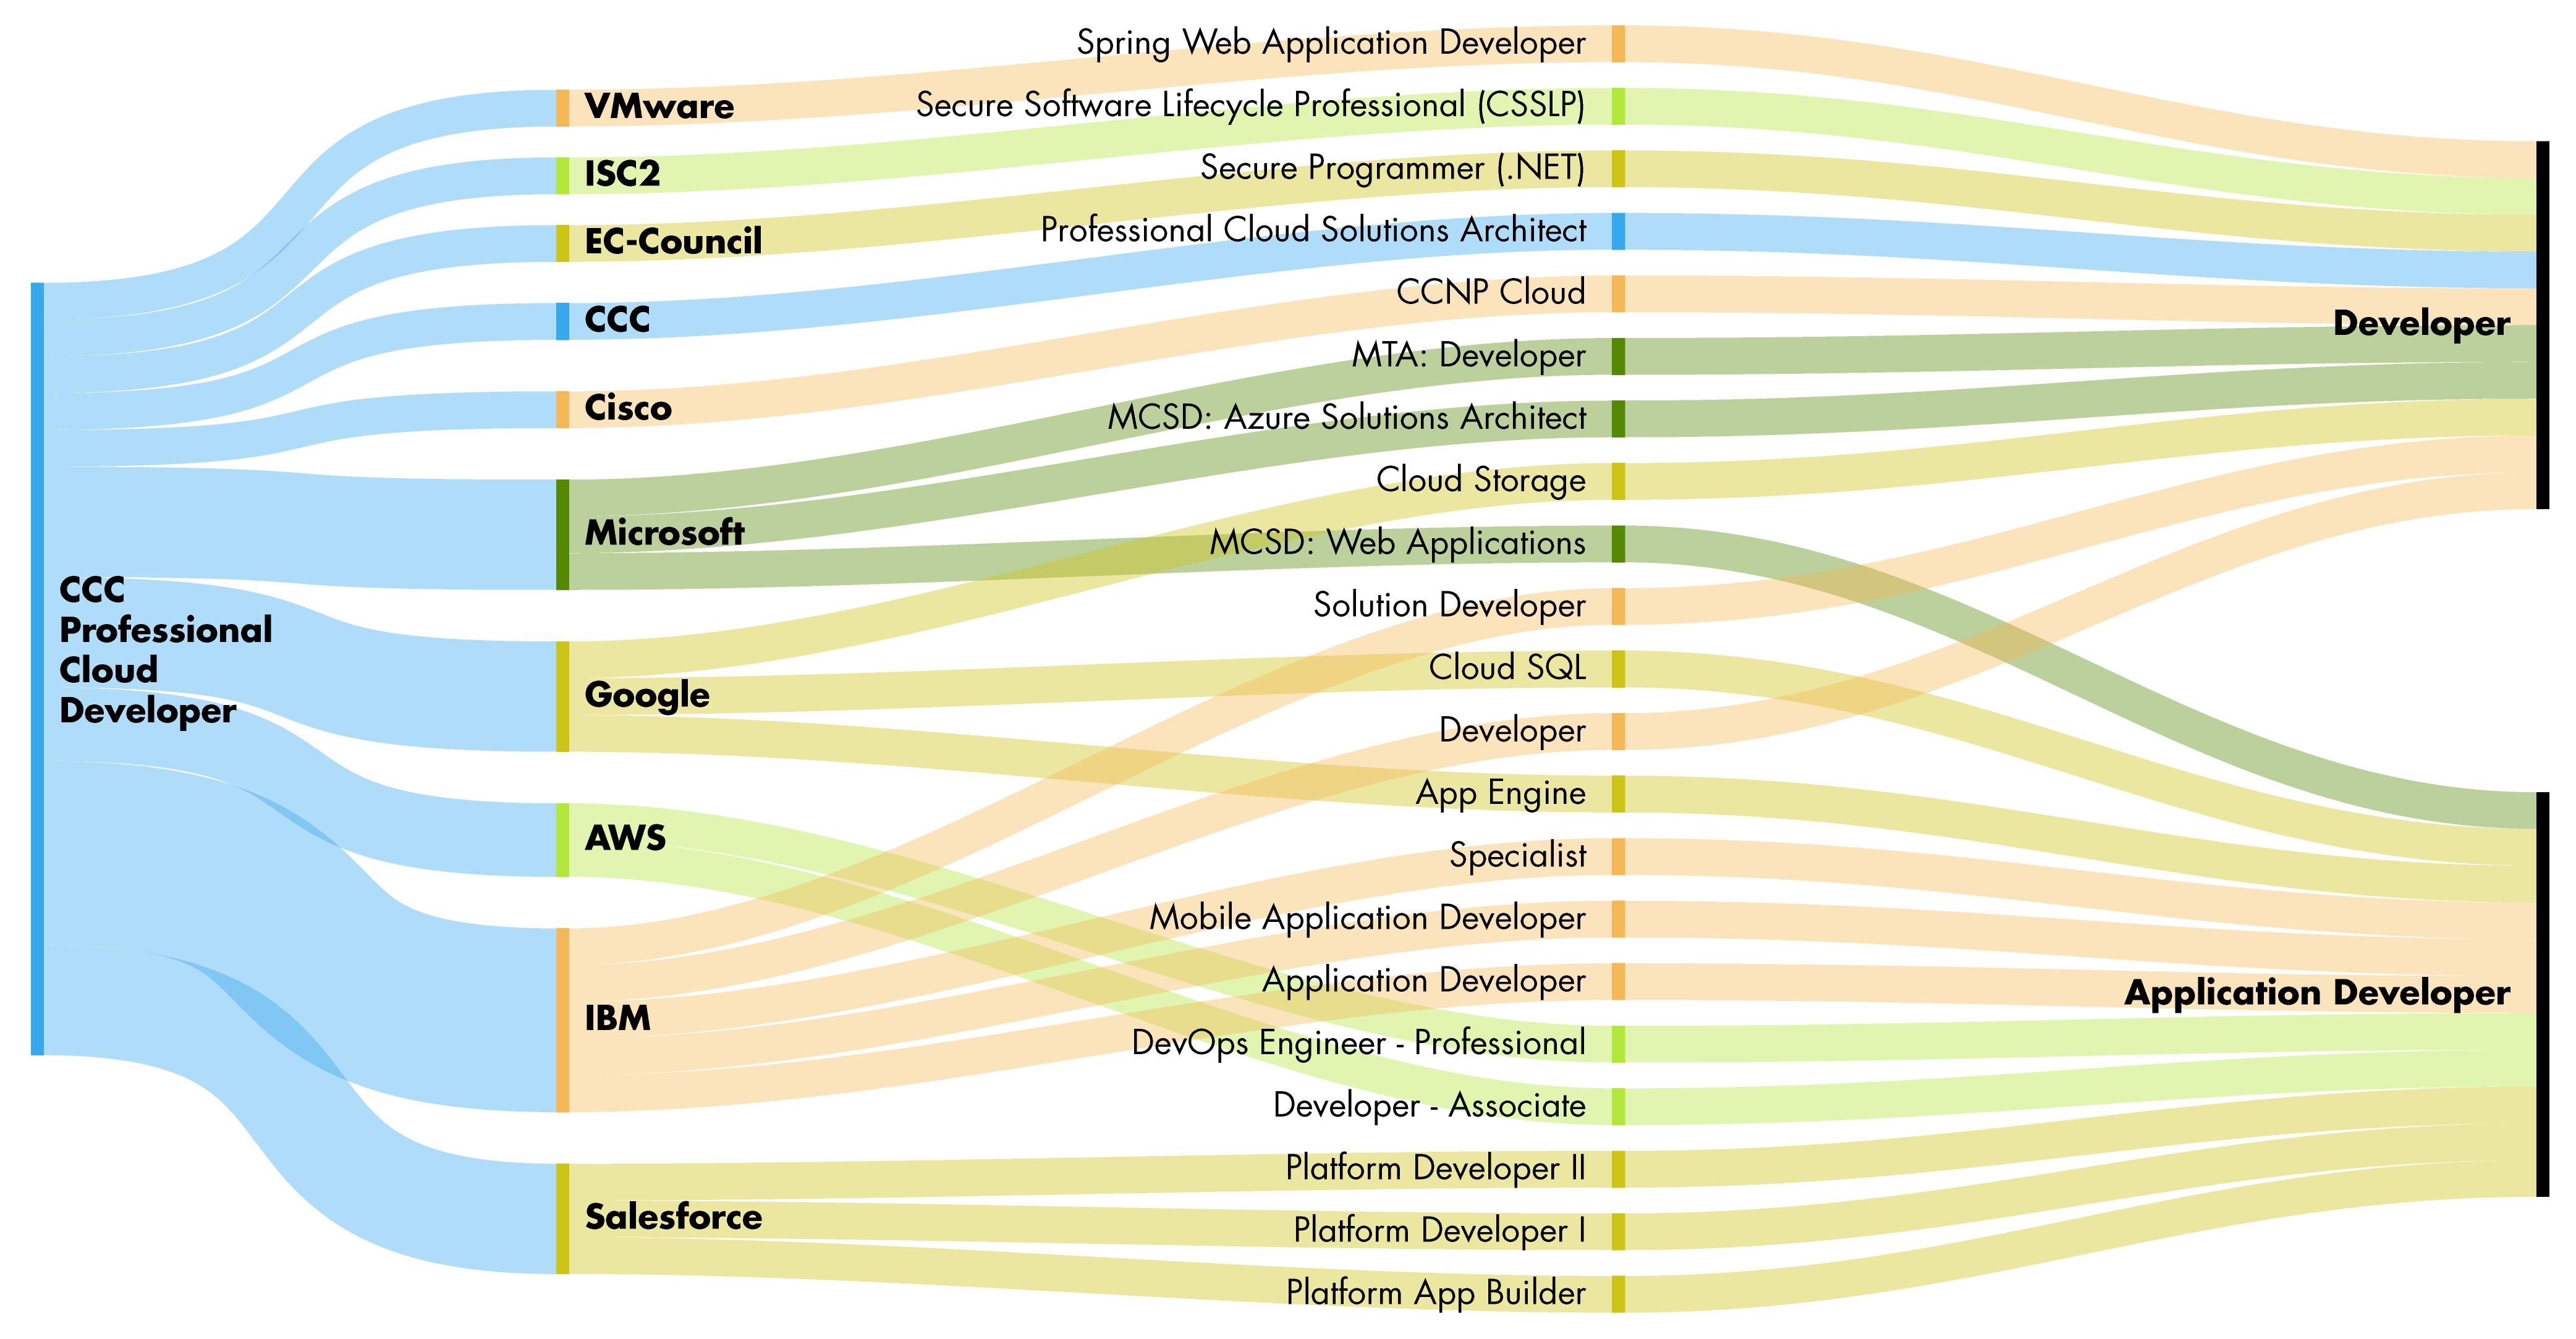 Professional Cloud Developer Cloud Credential Council